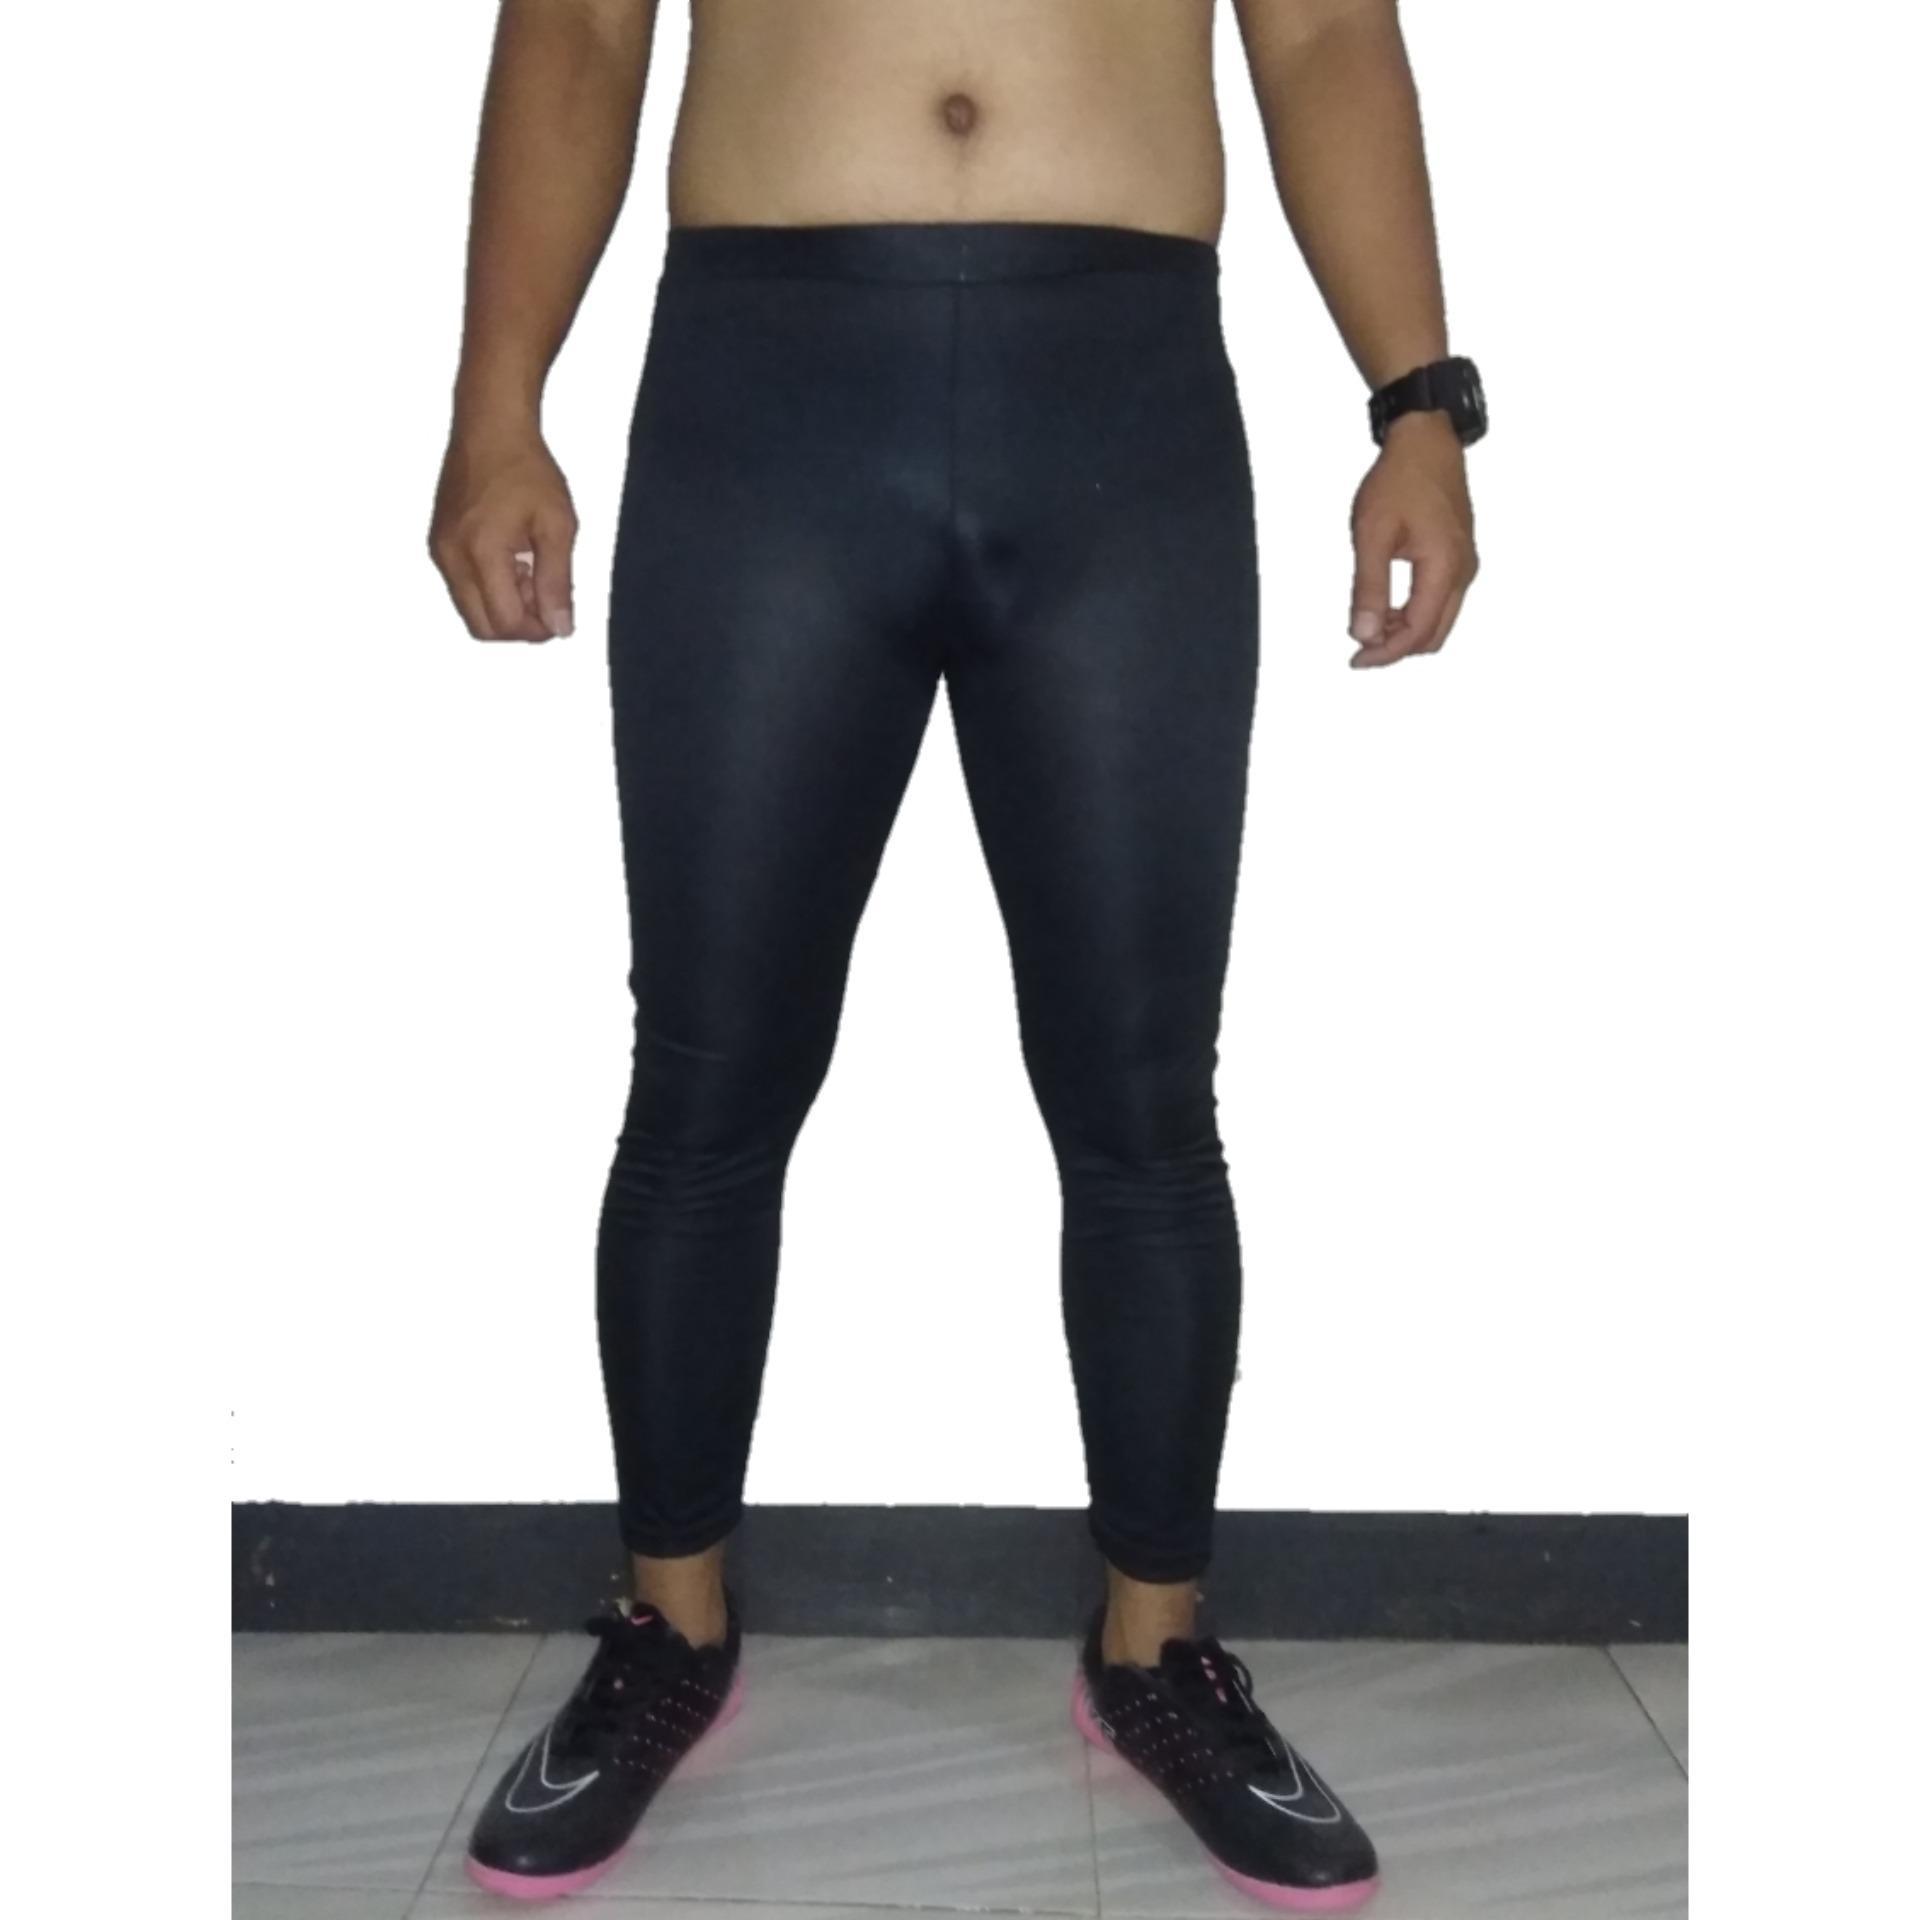 Celana Manset Baselayer/celana Olahraga Pria/celana Lagging Pria/celana Gym Fitnes/celana Manset Wanita By Totingshop07.